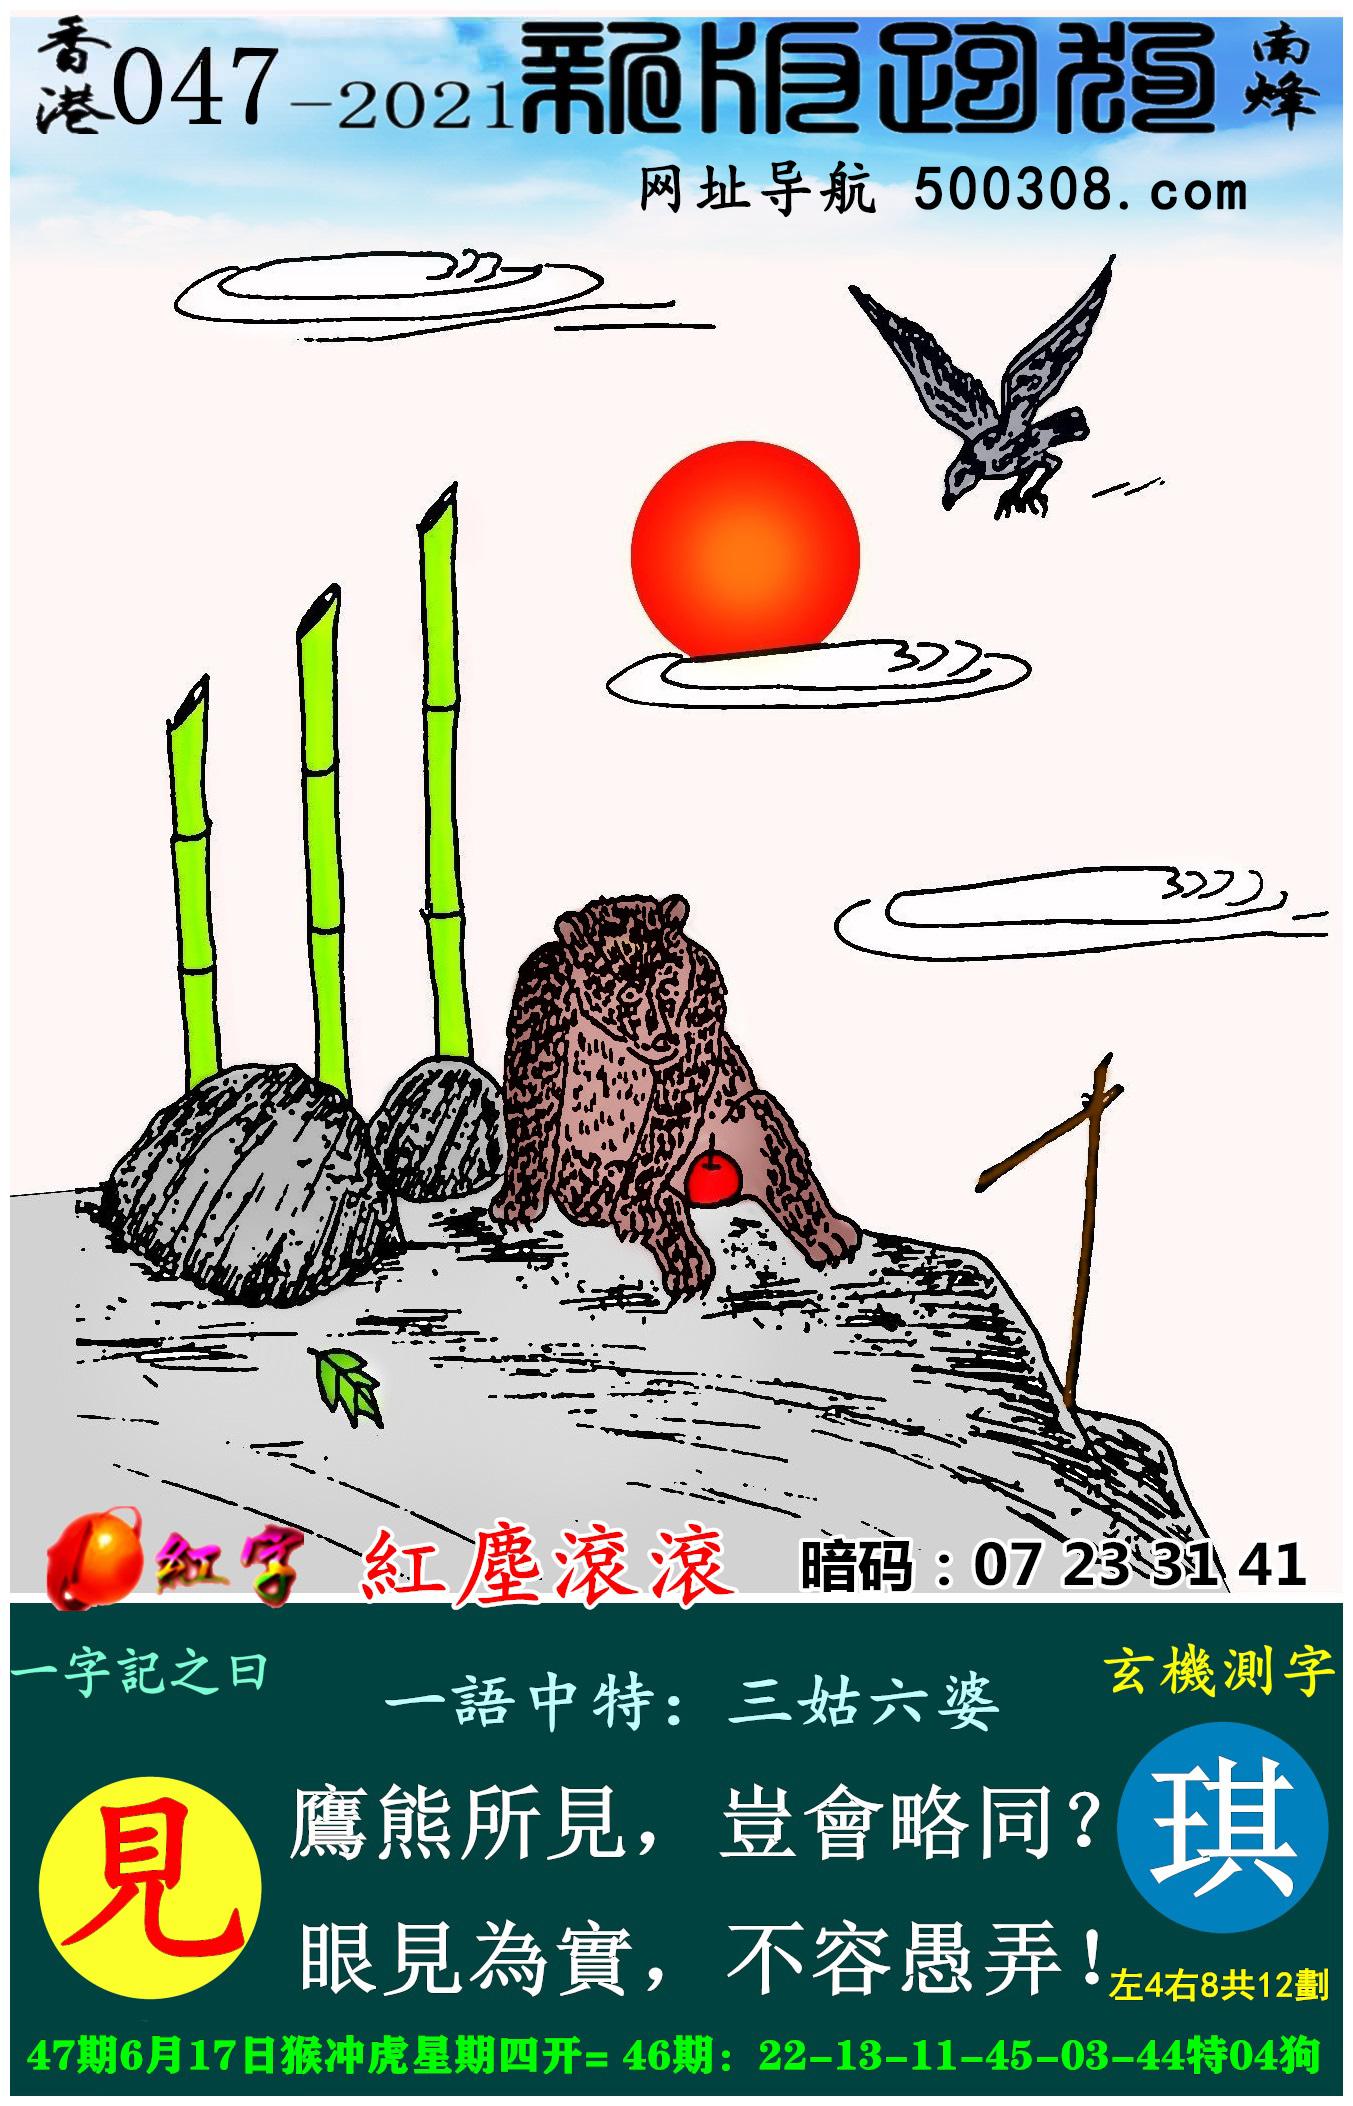 047期跑狗一字�之曰:【�】 ��熊所�,�M��略同?眼����,不容愚弄!